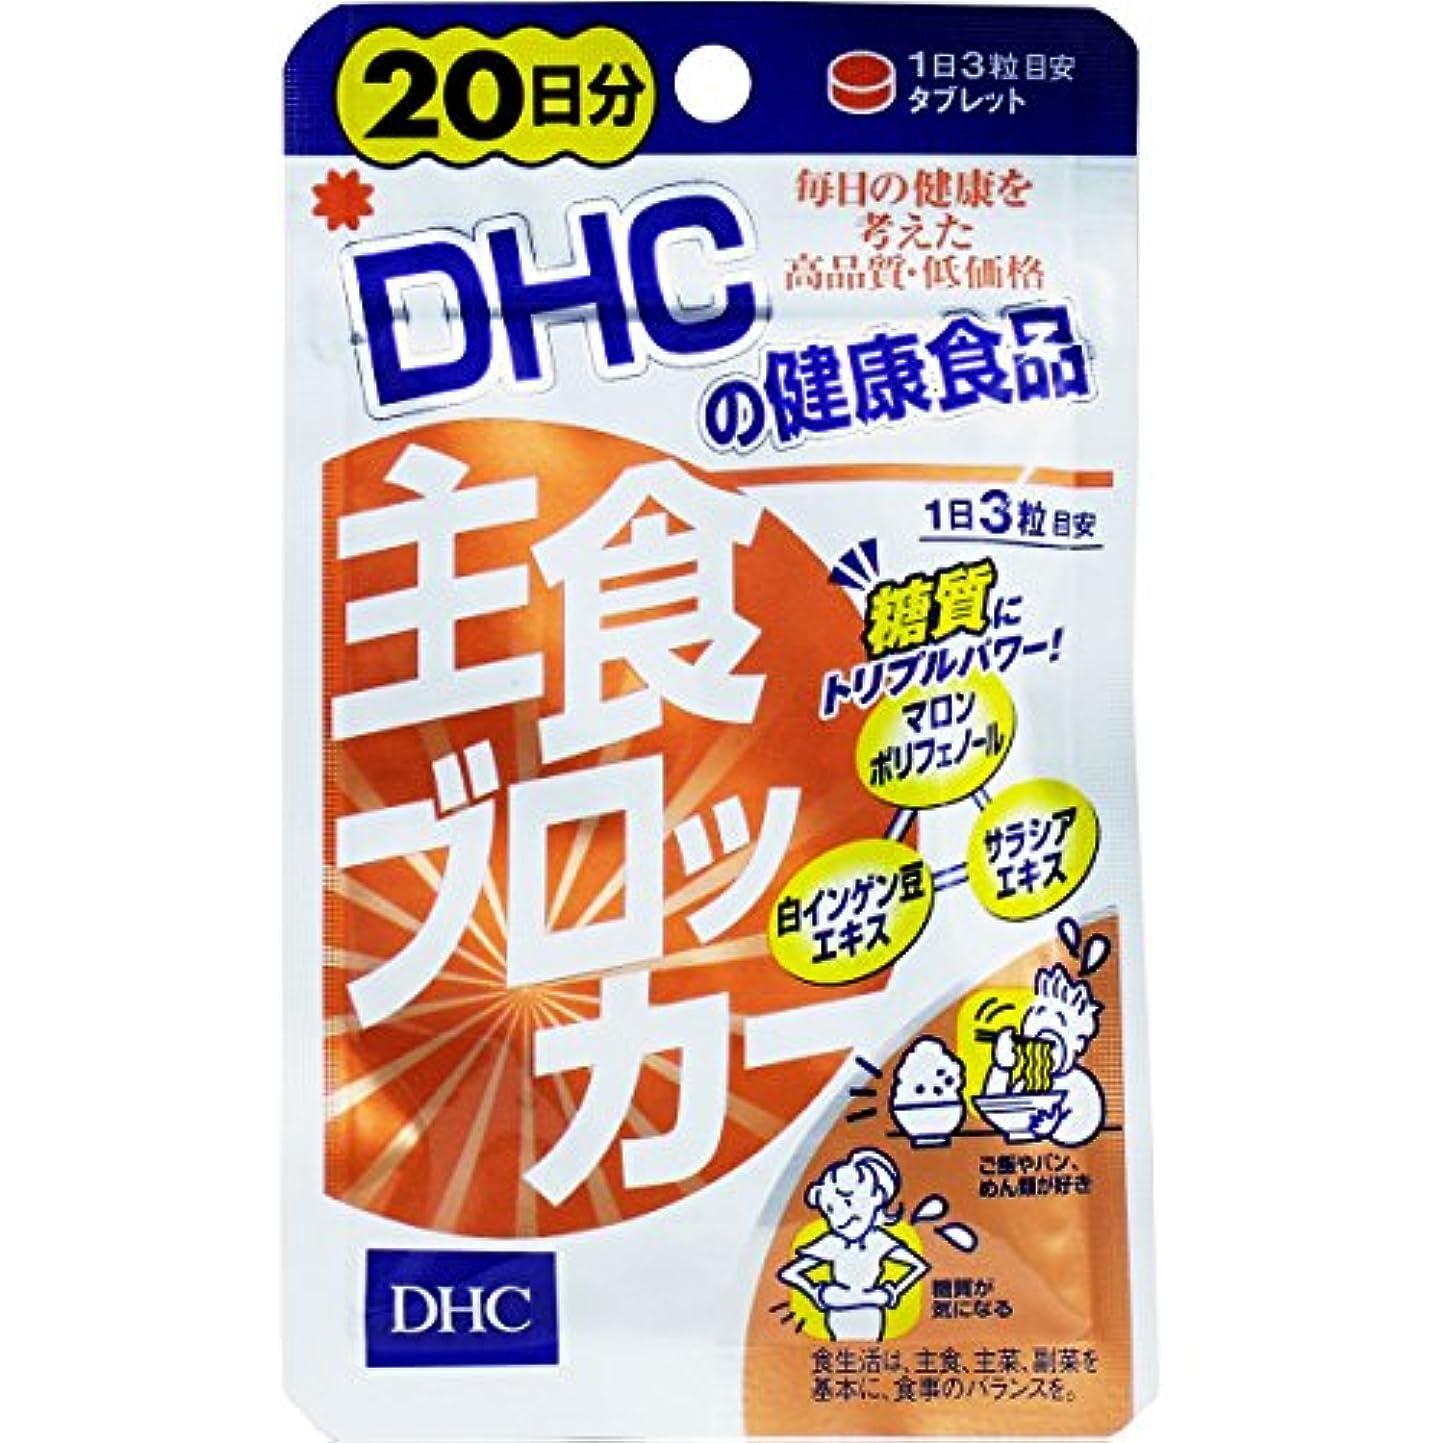 間違いボルト問題ダイエット トリプルパワーでため込み対策 栄養機能食品 DHC 主食ブロッカー 20日分 60粒入【3個セット】